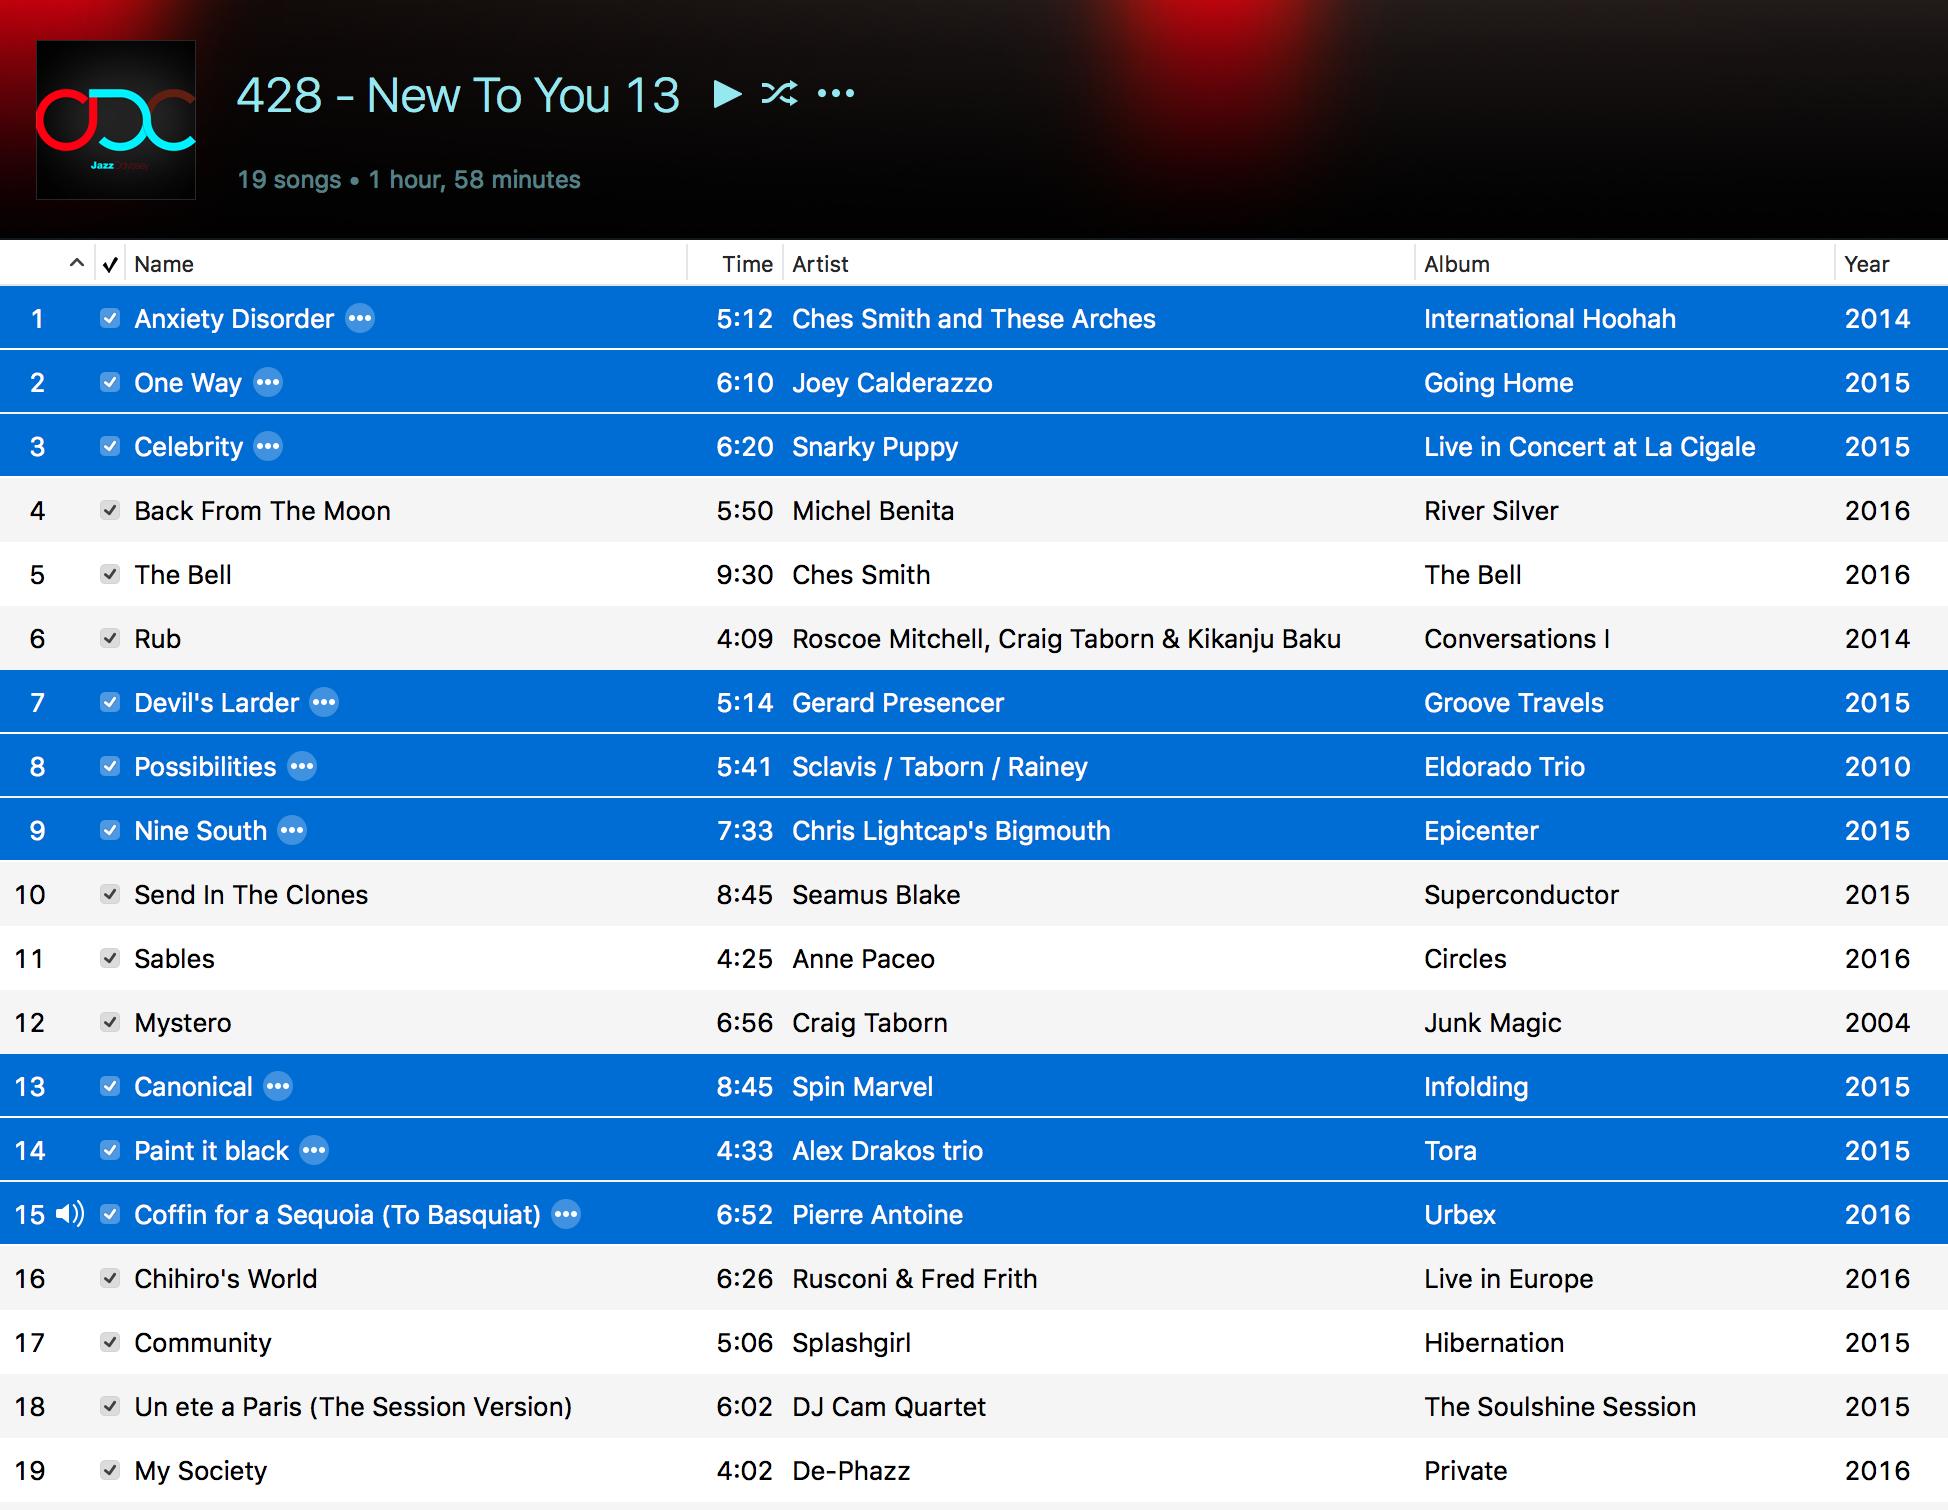 Jazz ODC #428 - New To You 13 - Playlist